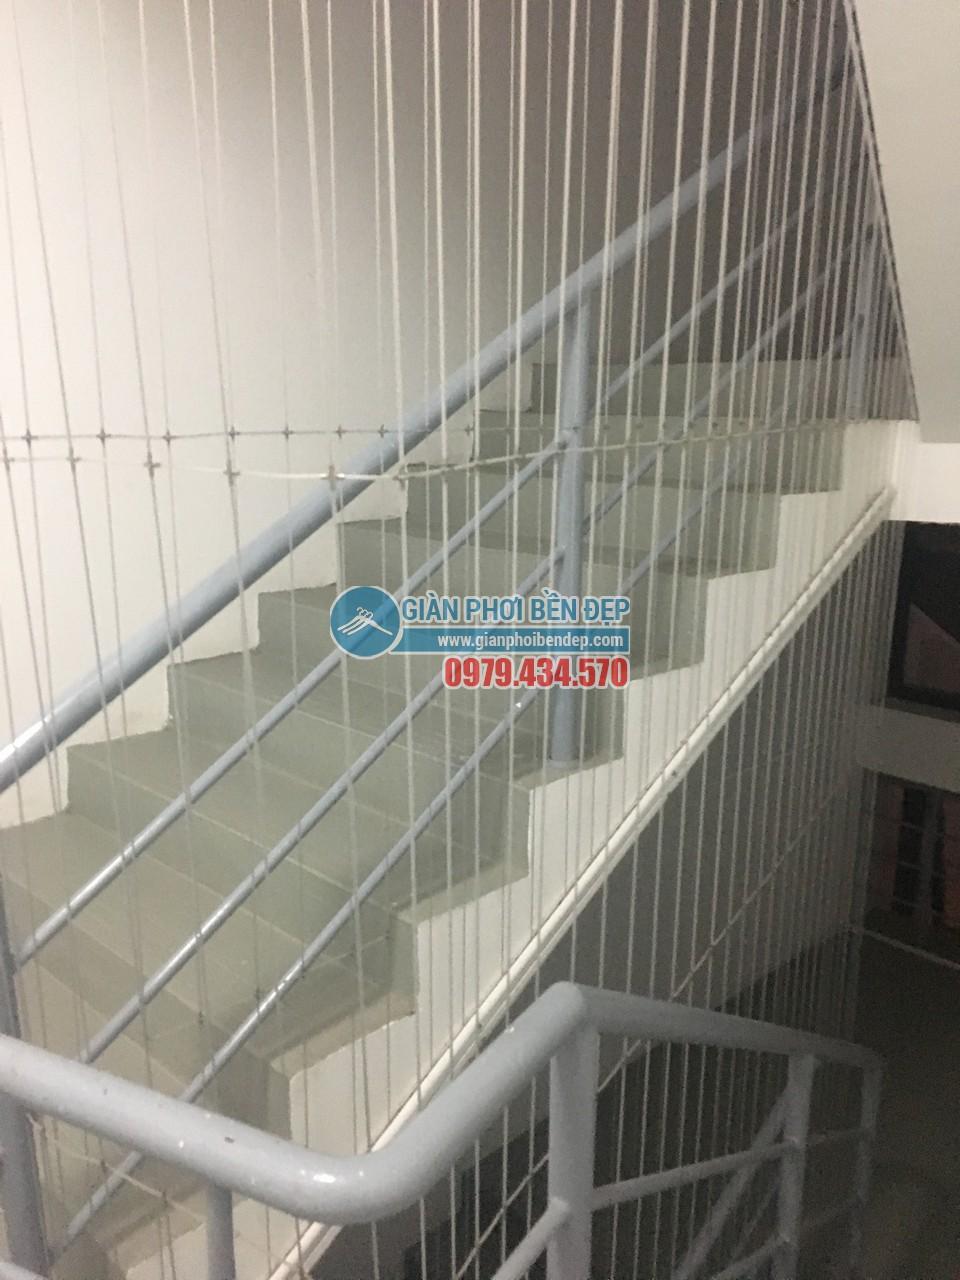 Hoàn thiện lắp đặt lưới an toàn cho cầu thang bộ tòa CT8A Dương Nội, Hà Đông - 01